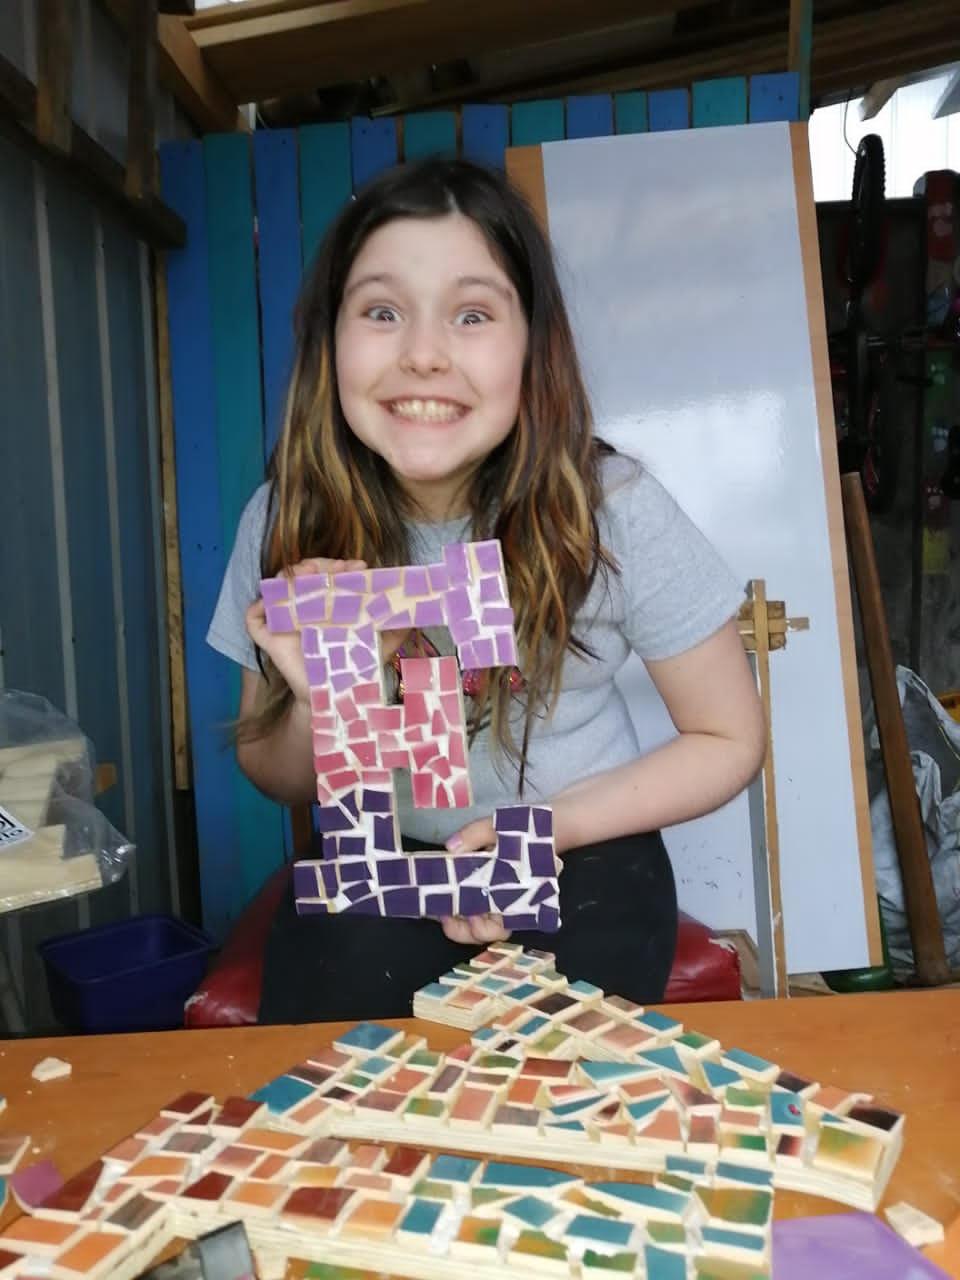 Talleres de Mosaico para niños en situación de vulnerabilidad